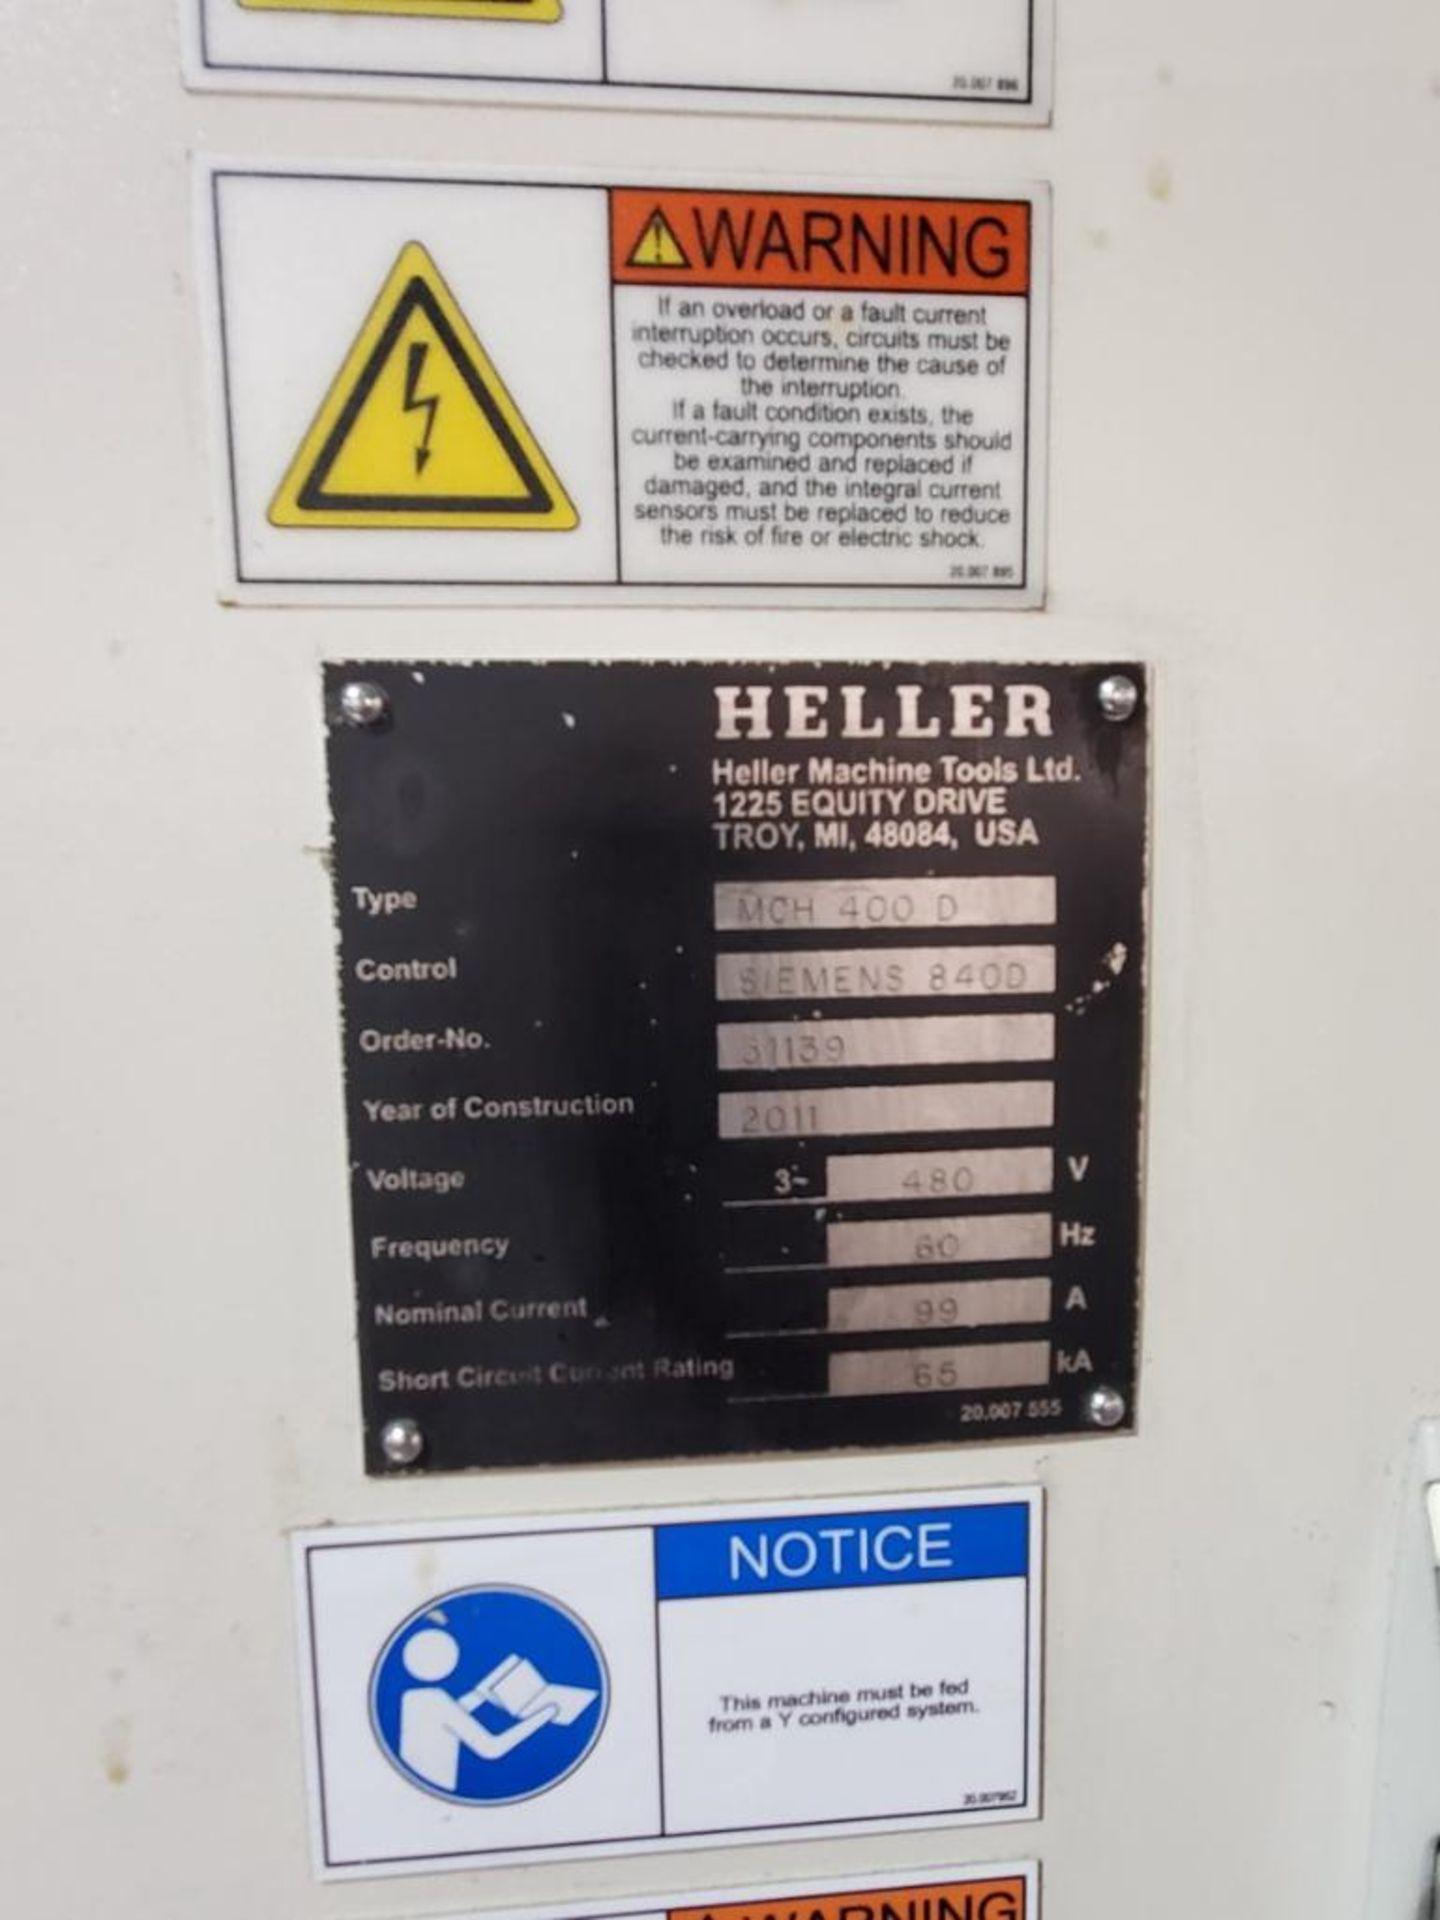 Lot 17 - 2011 Heller MCH 400D, Horizontal Machining Center